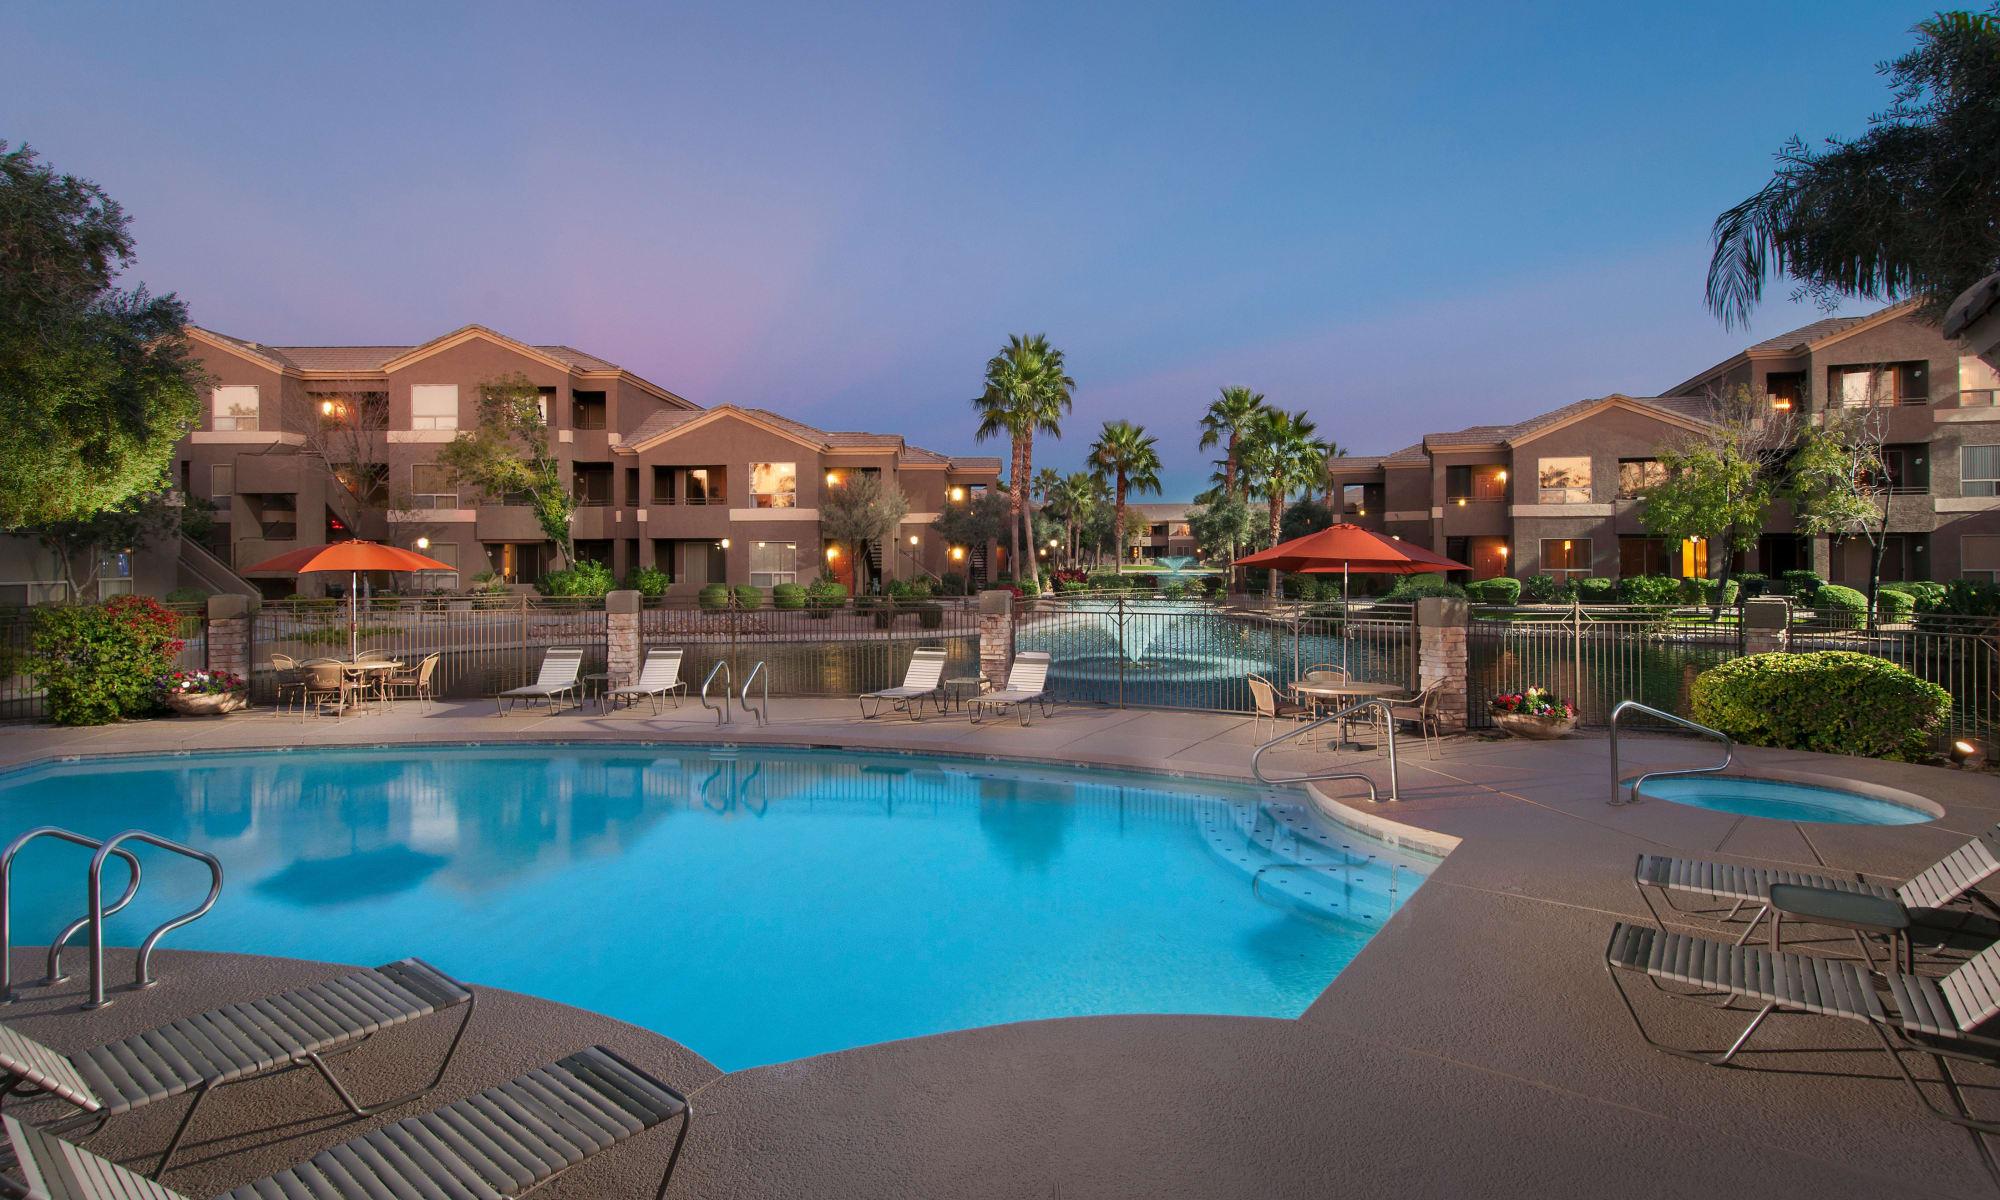 Apartments at Laguna at Arrowhead Ranch in Glendale, Arizona